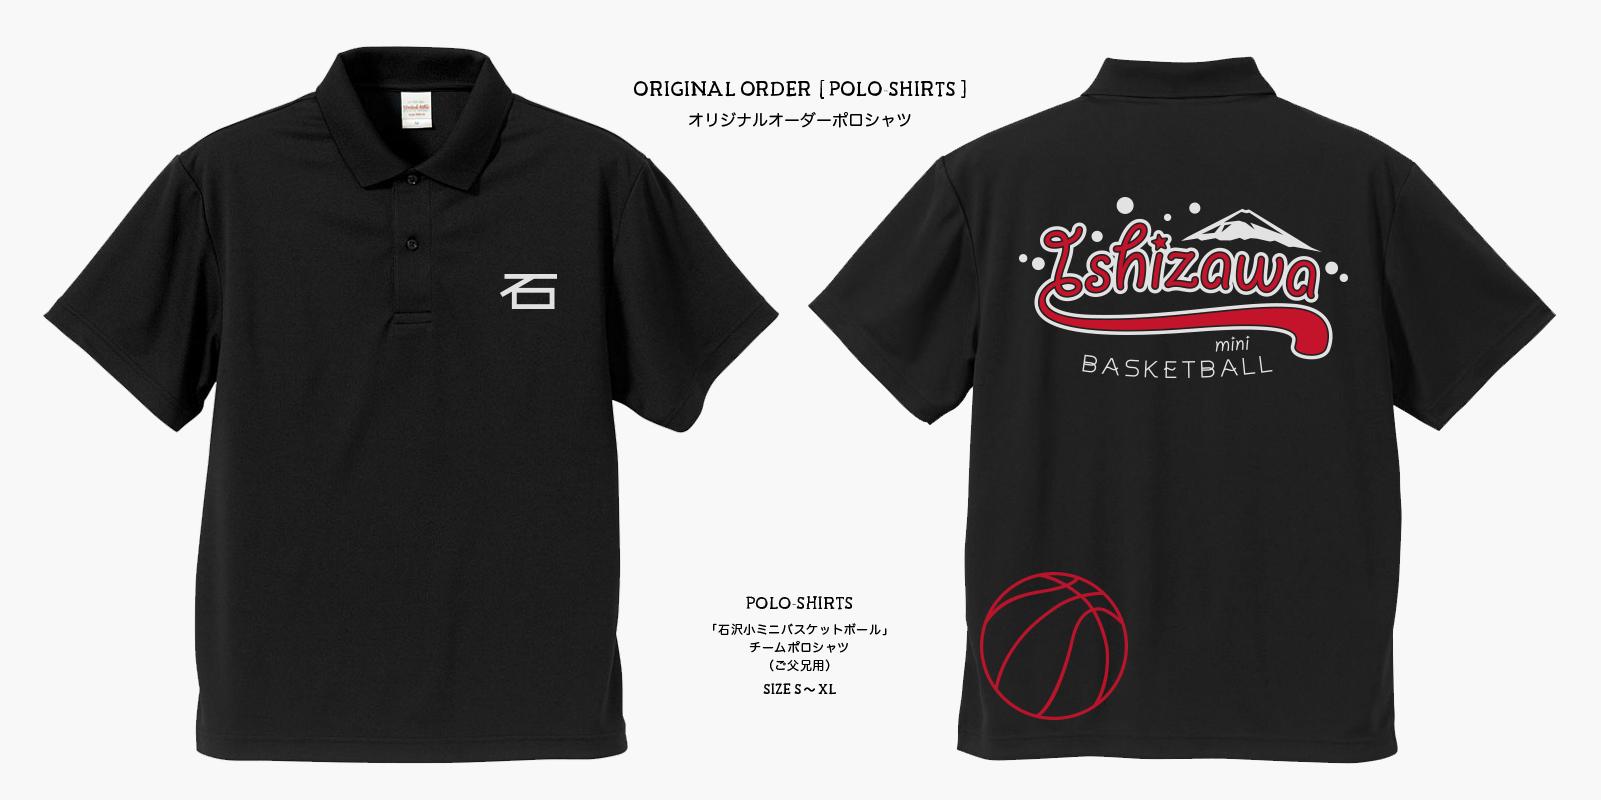 ポロシャツデザイン&印刷「石沢女子ミニバスケットボールスポーツ少年団」様